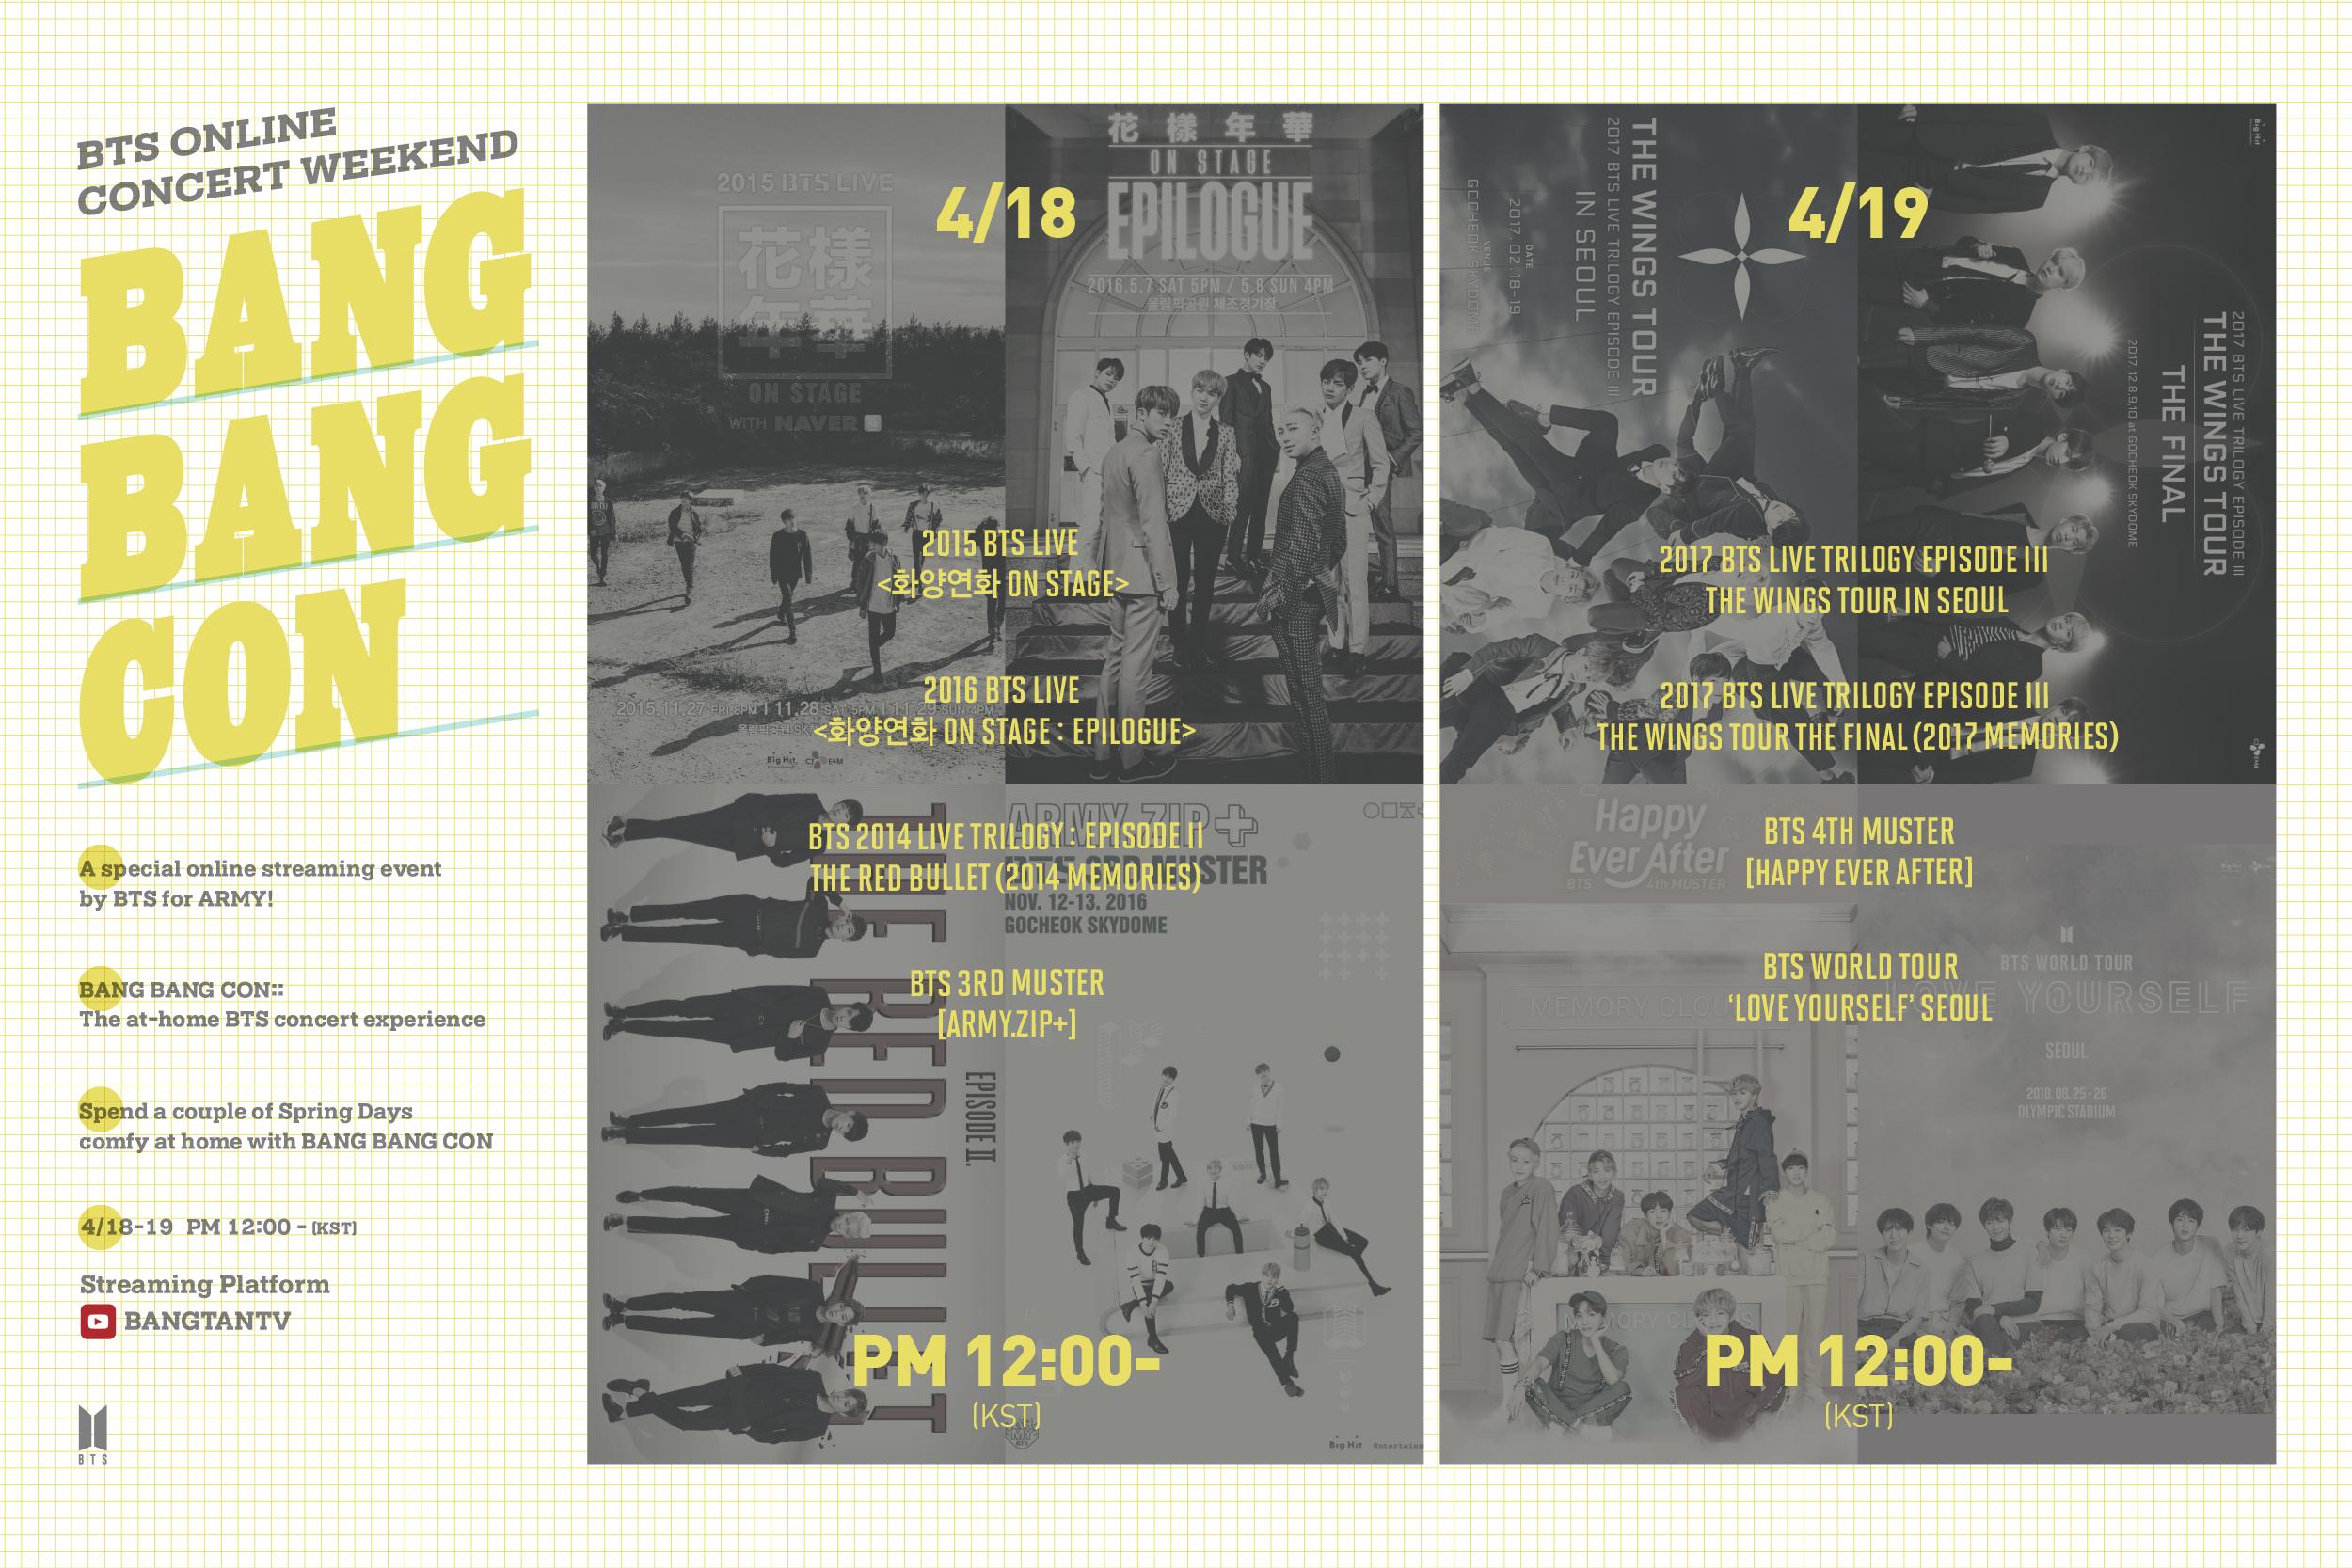 BTS Bikin BANG BANG CON, Konser Online Gratis dari Berbagai Tur Dunia Sejak Debut di YouTube © Big Hit Entertainment